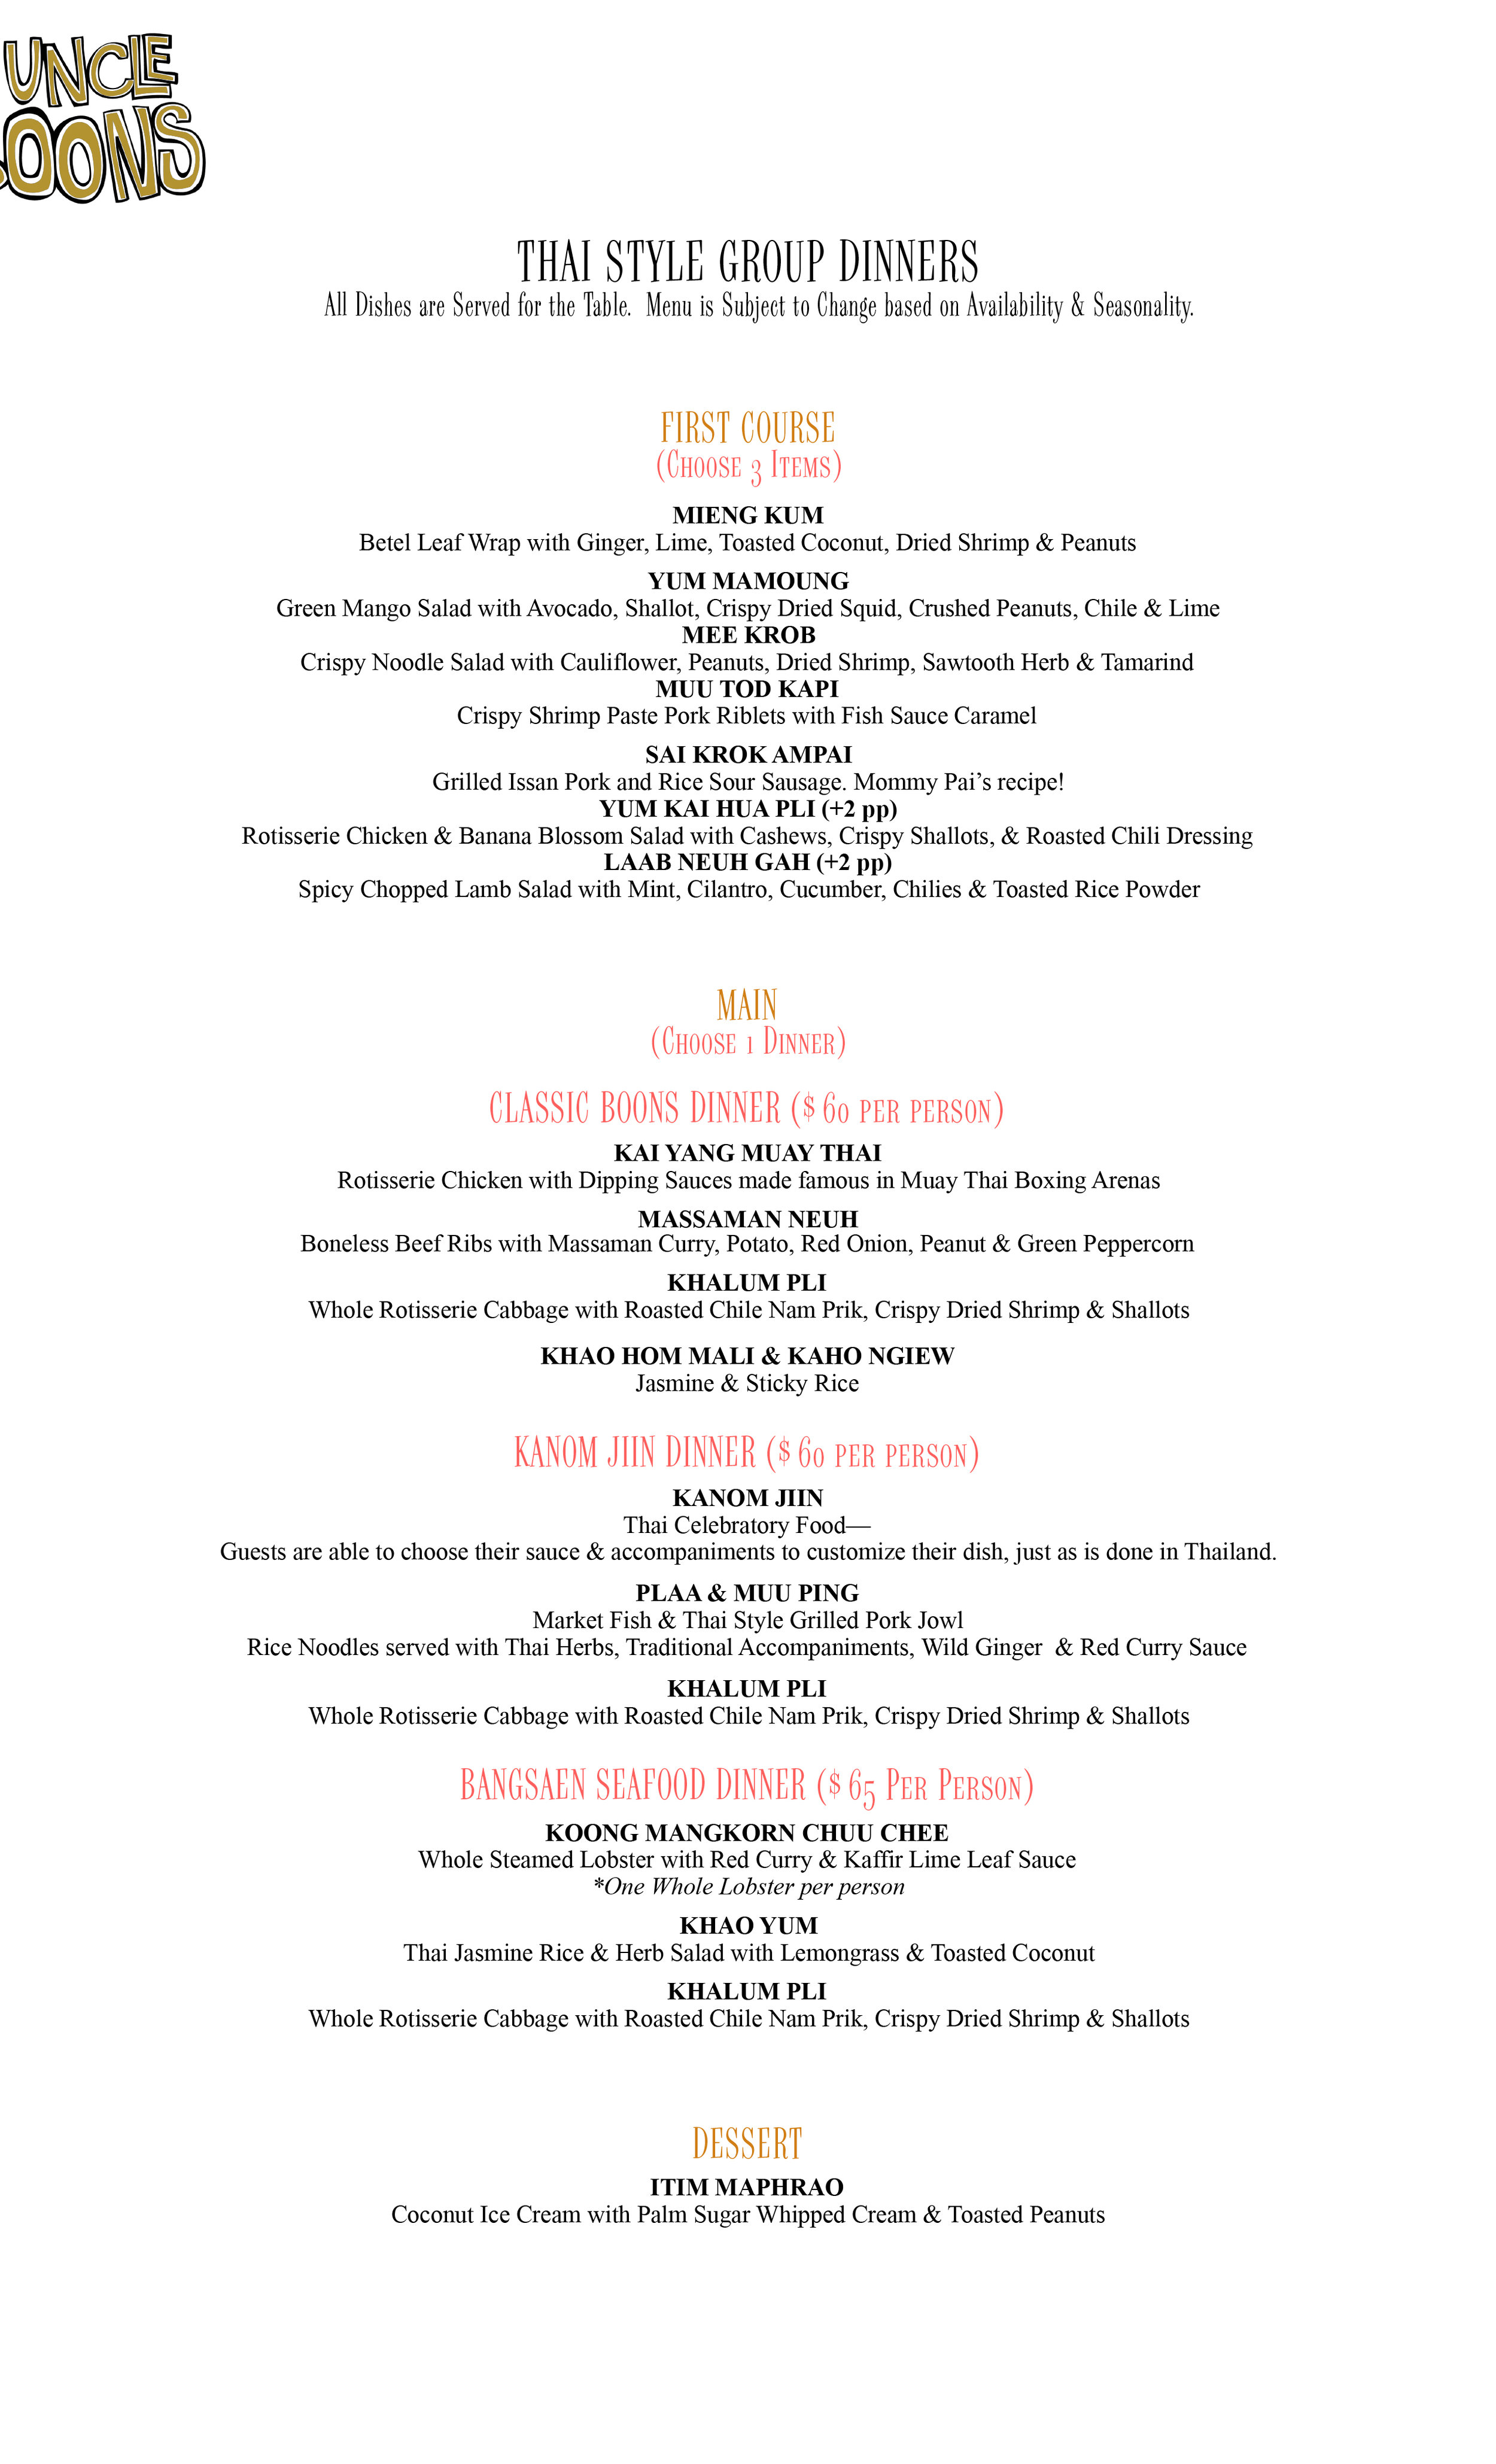 FAMILY DINNER MENU 7_30_19-2.jpg